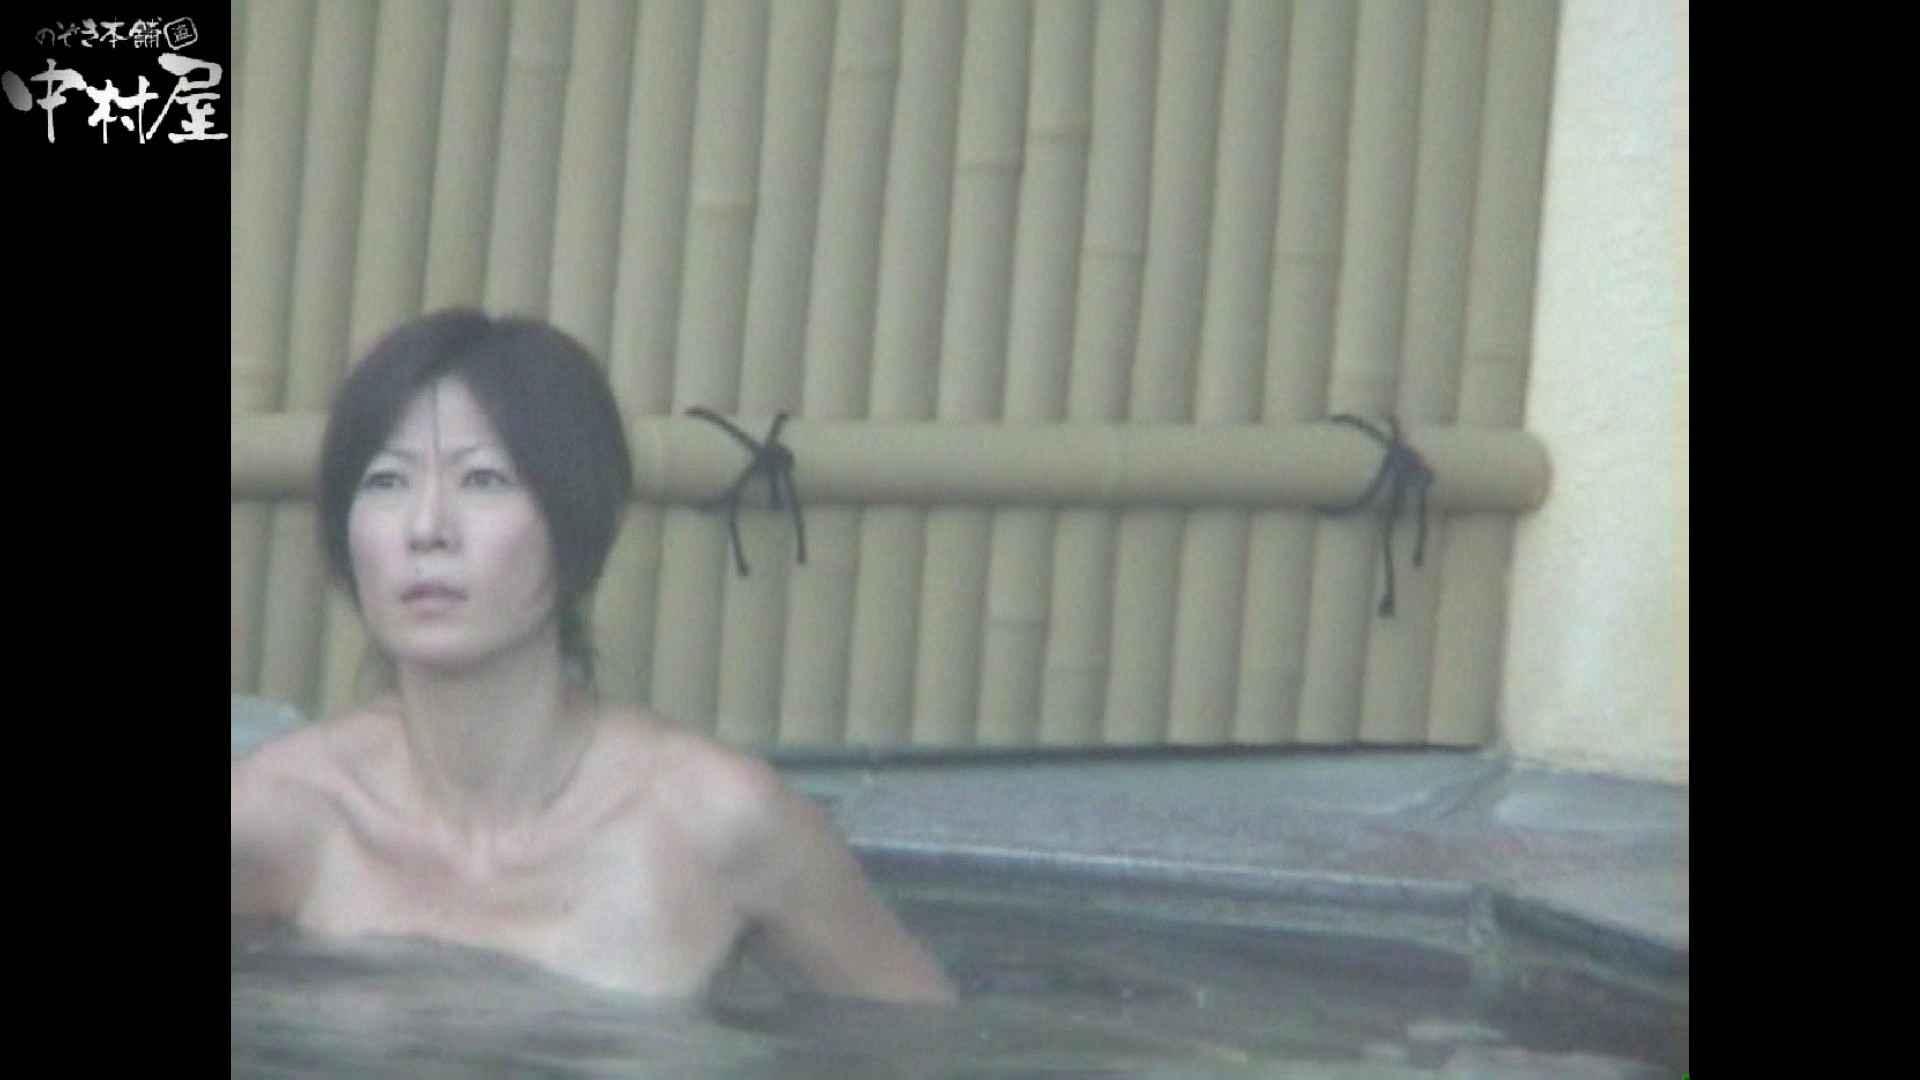 Aquaな露天風呂Vol.972 OLのエロ生活  105連発 21